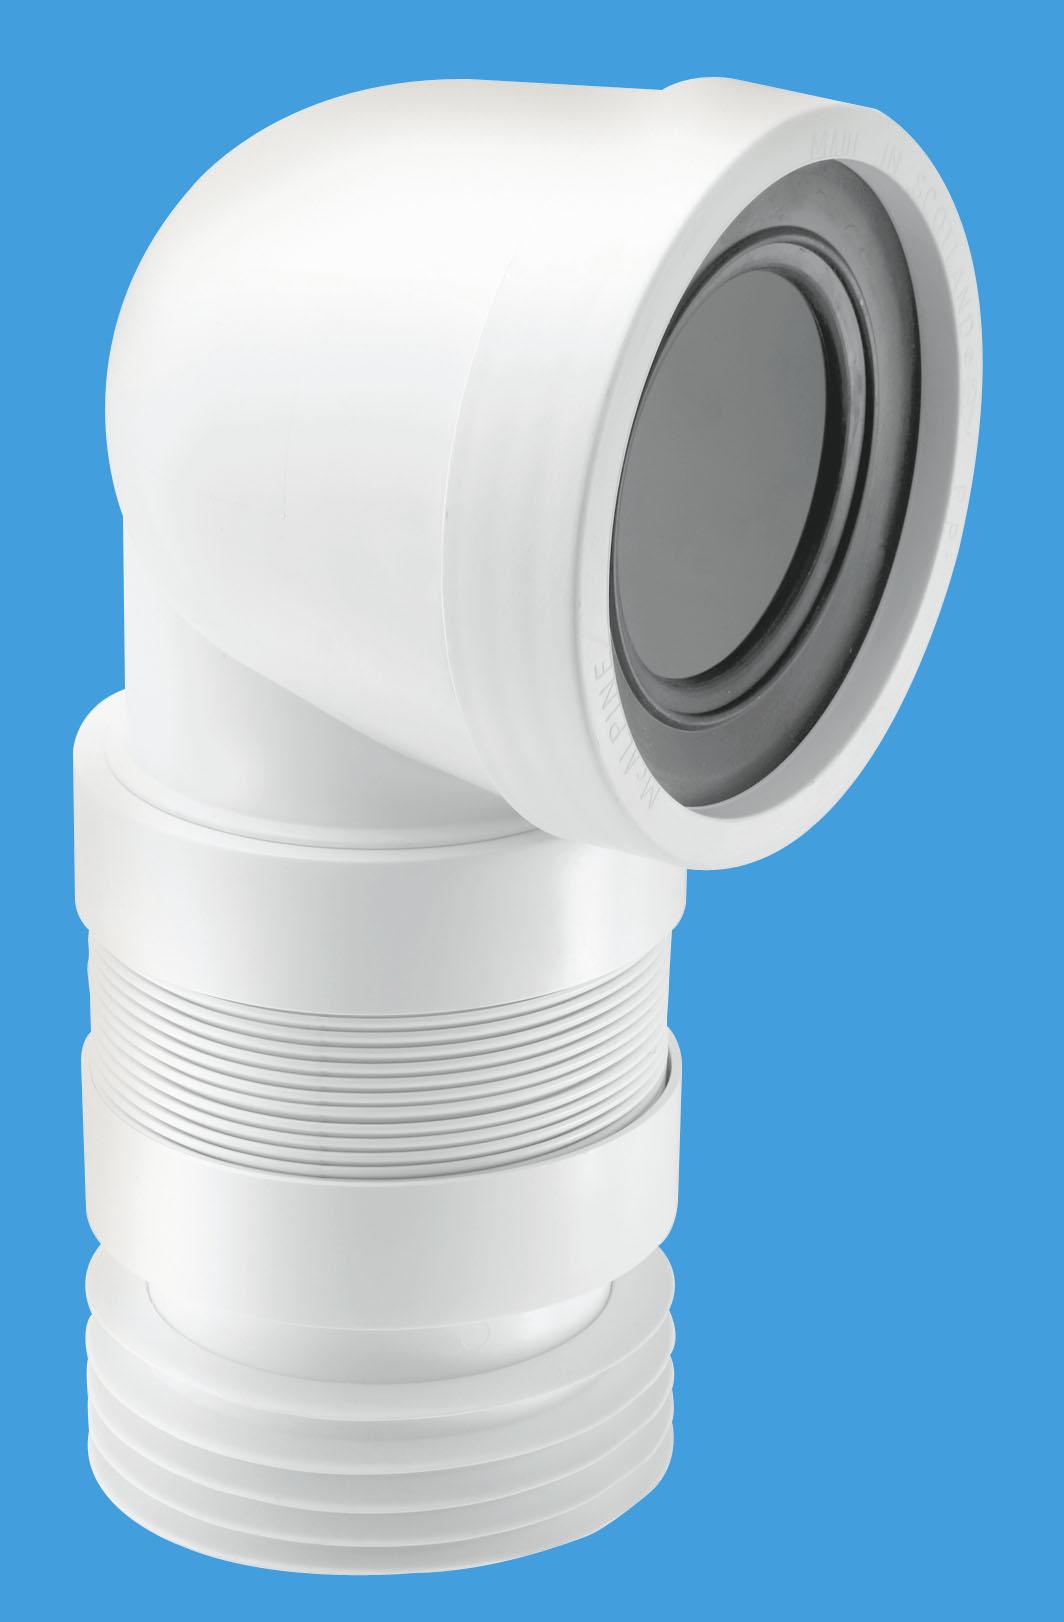 WC-CON8F18 170 > 250mm